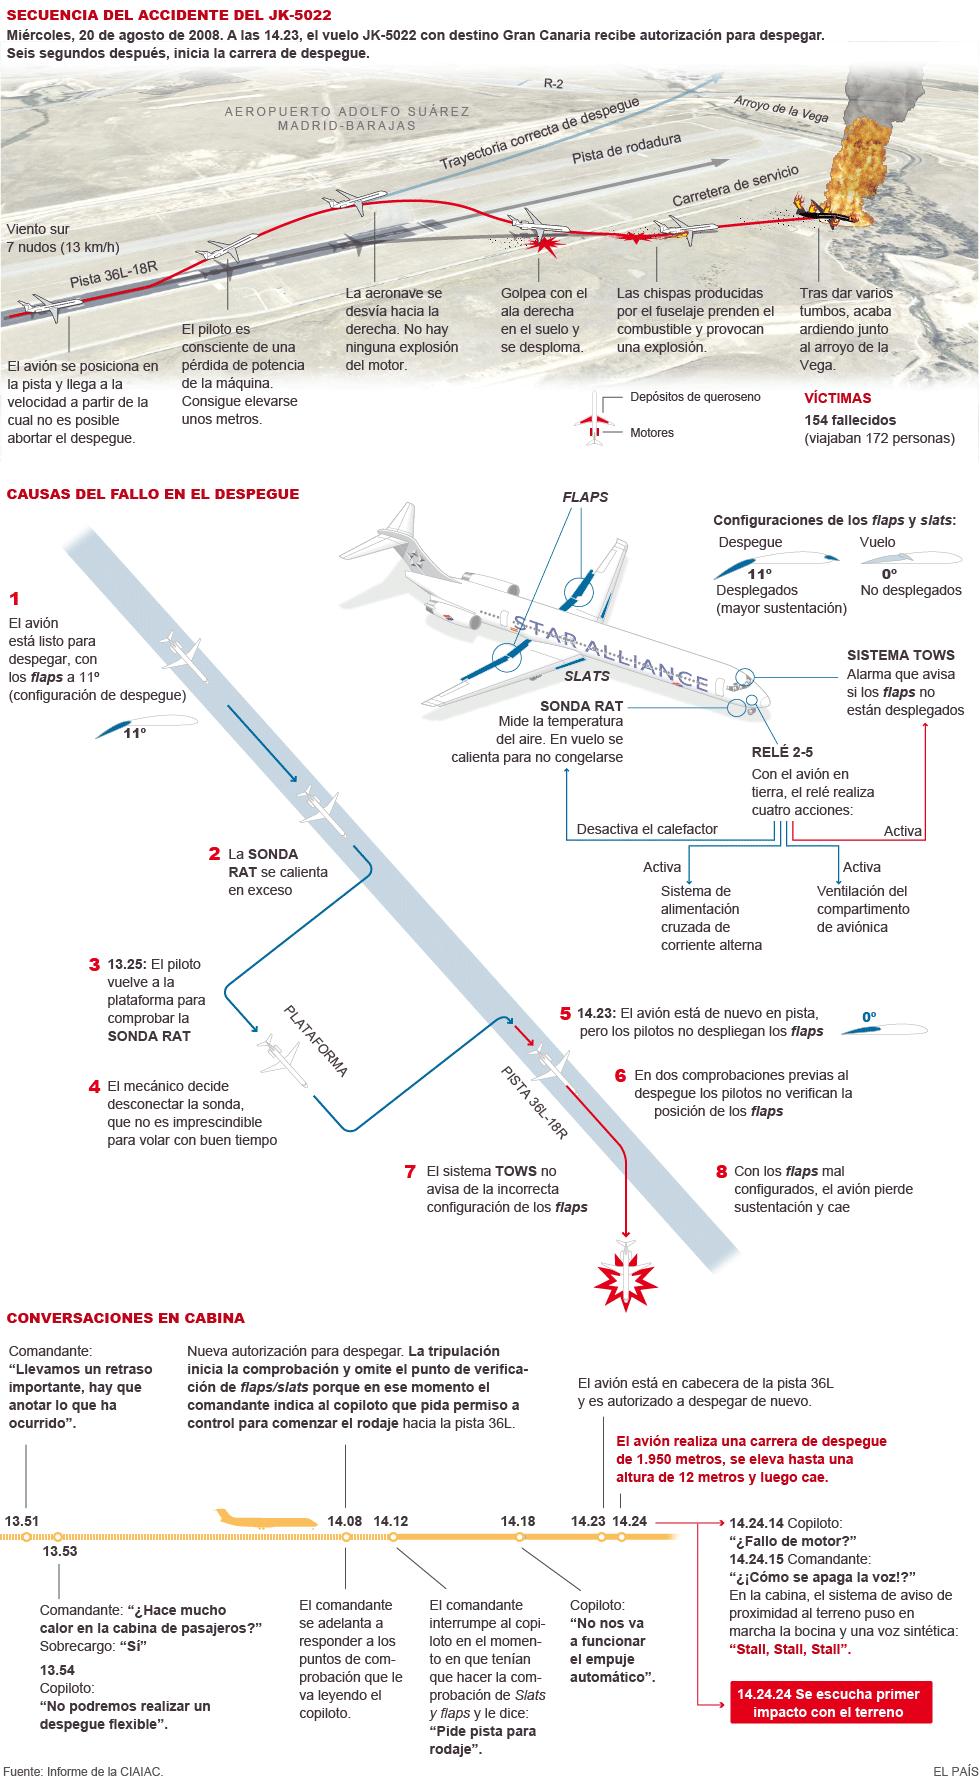 El accidente del vuelo JK5022 de Spanair